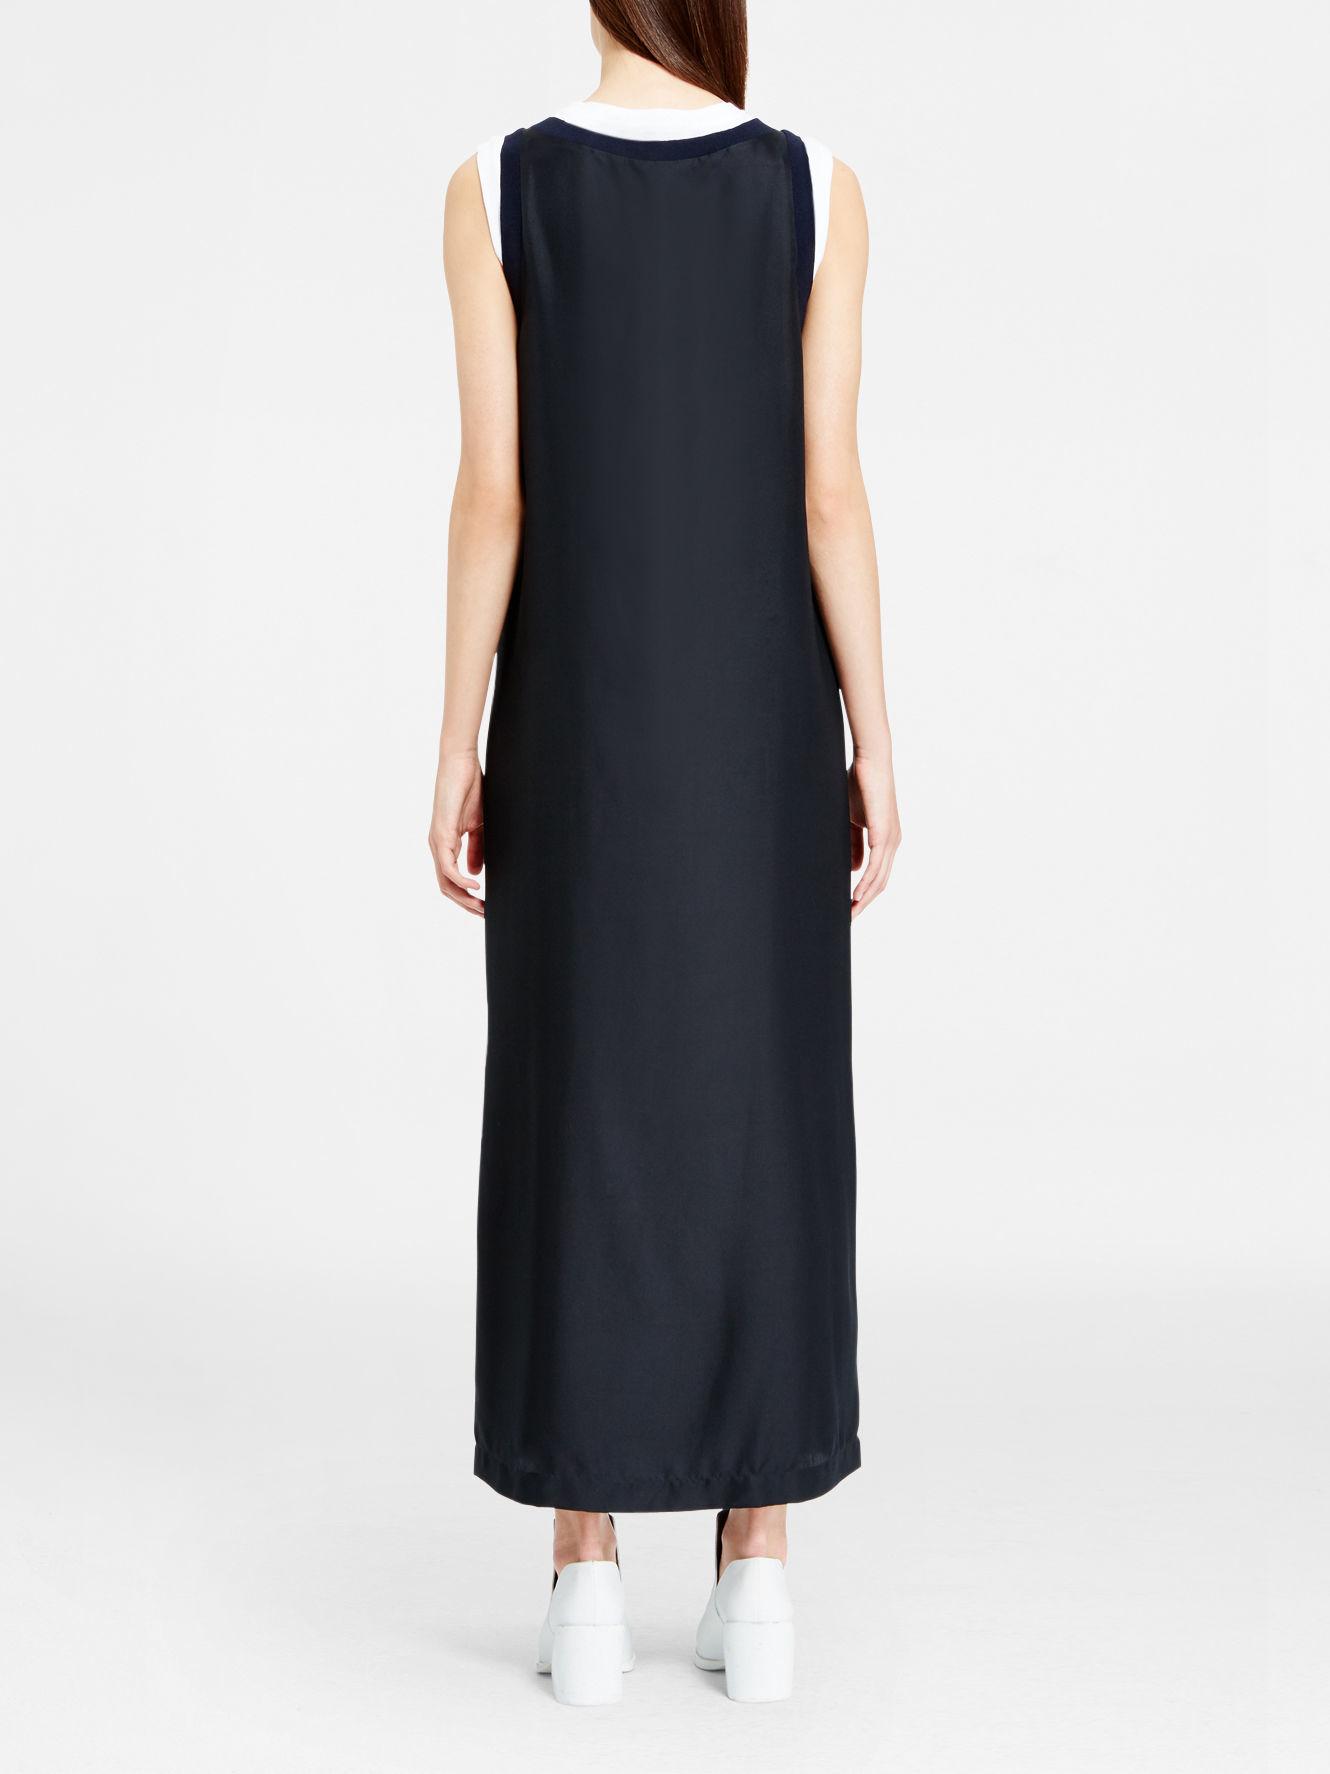 Dkny silk maxi dress